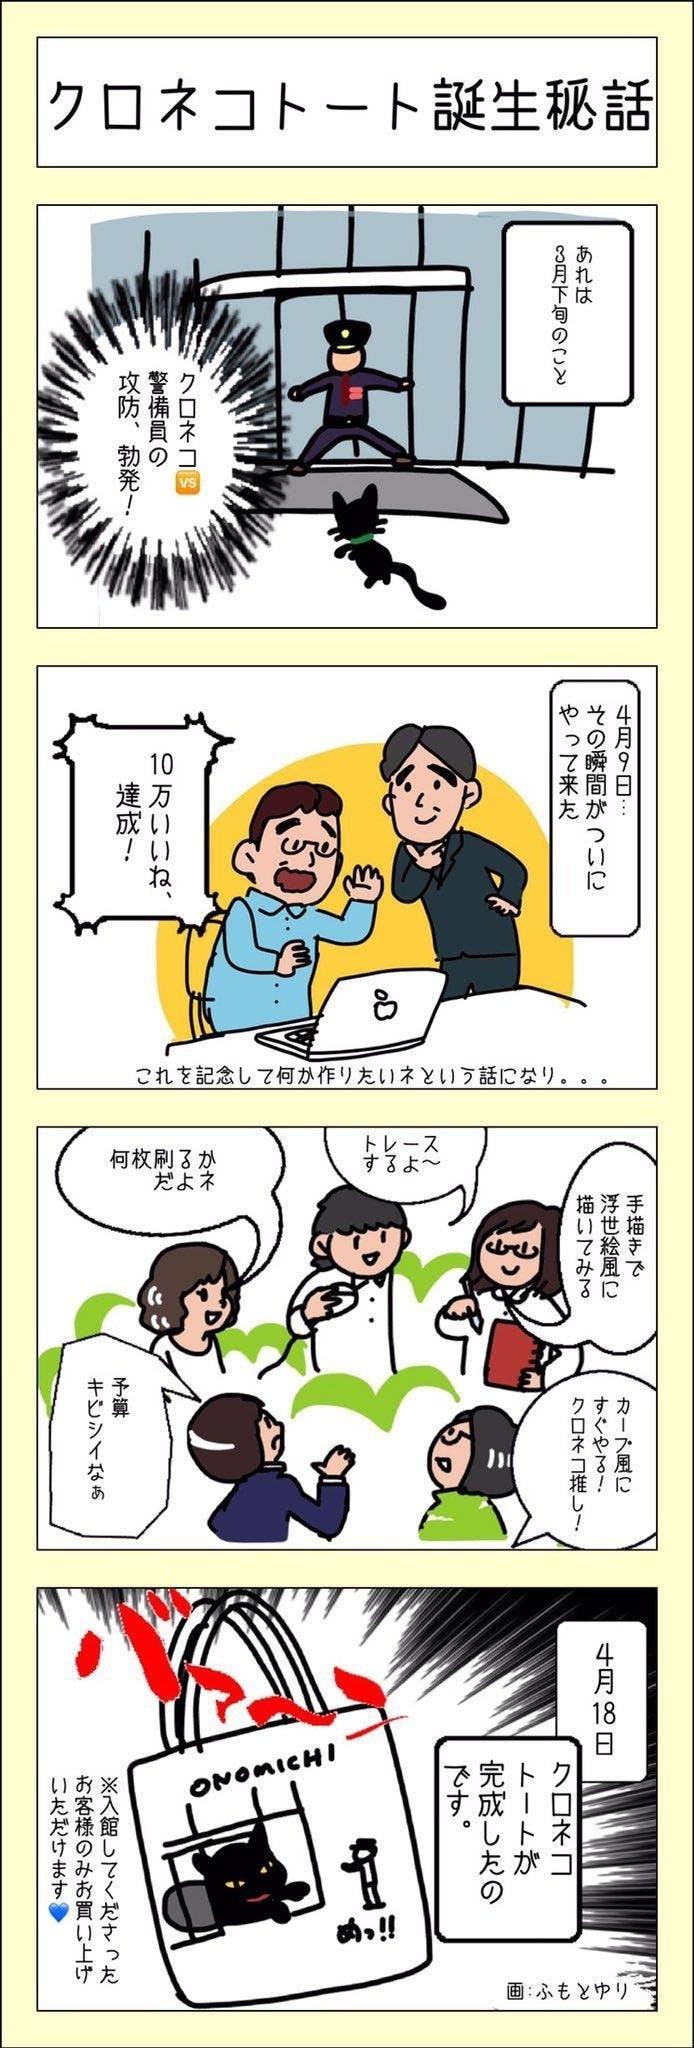 四コマ1.jpg